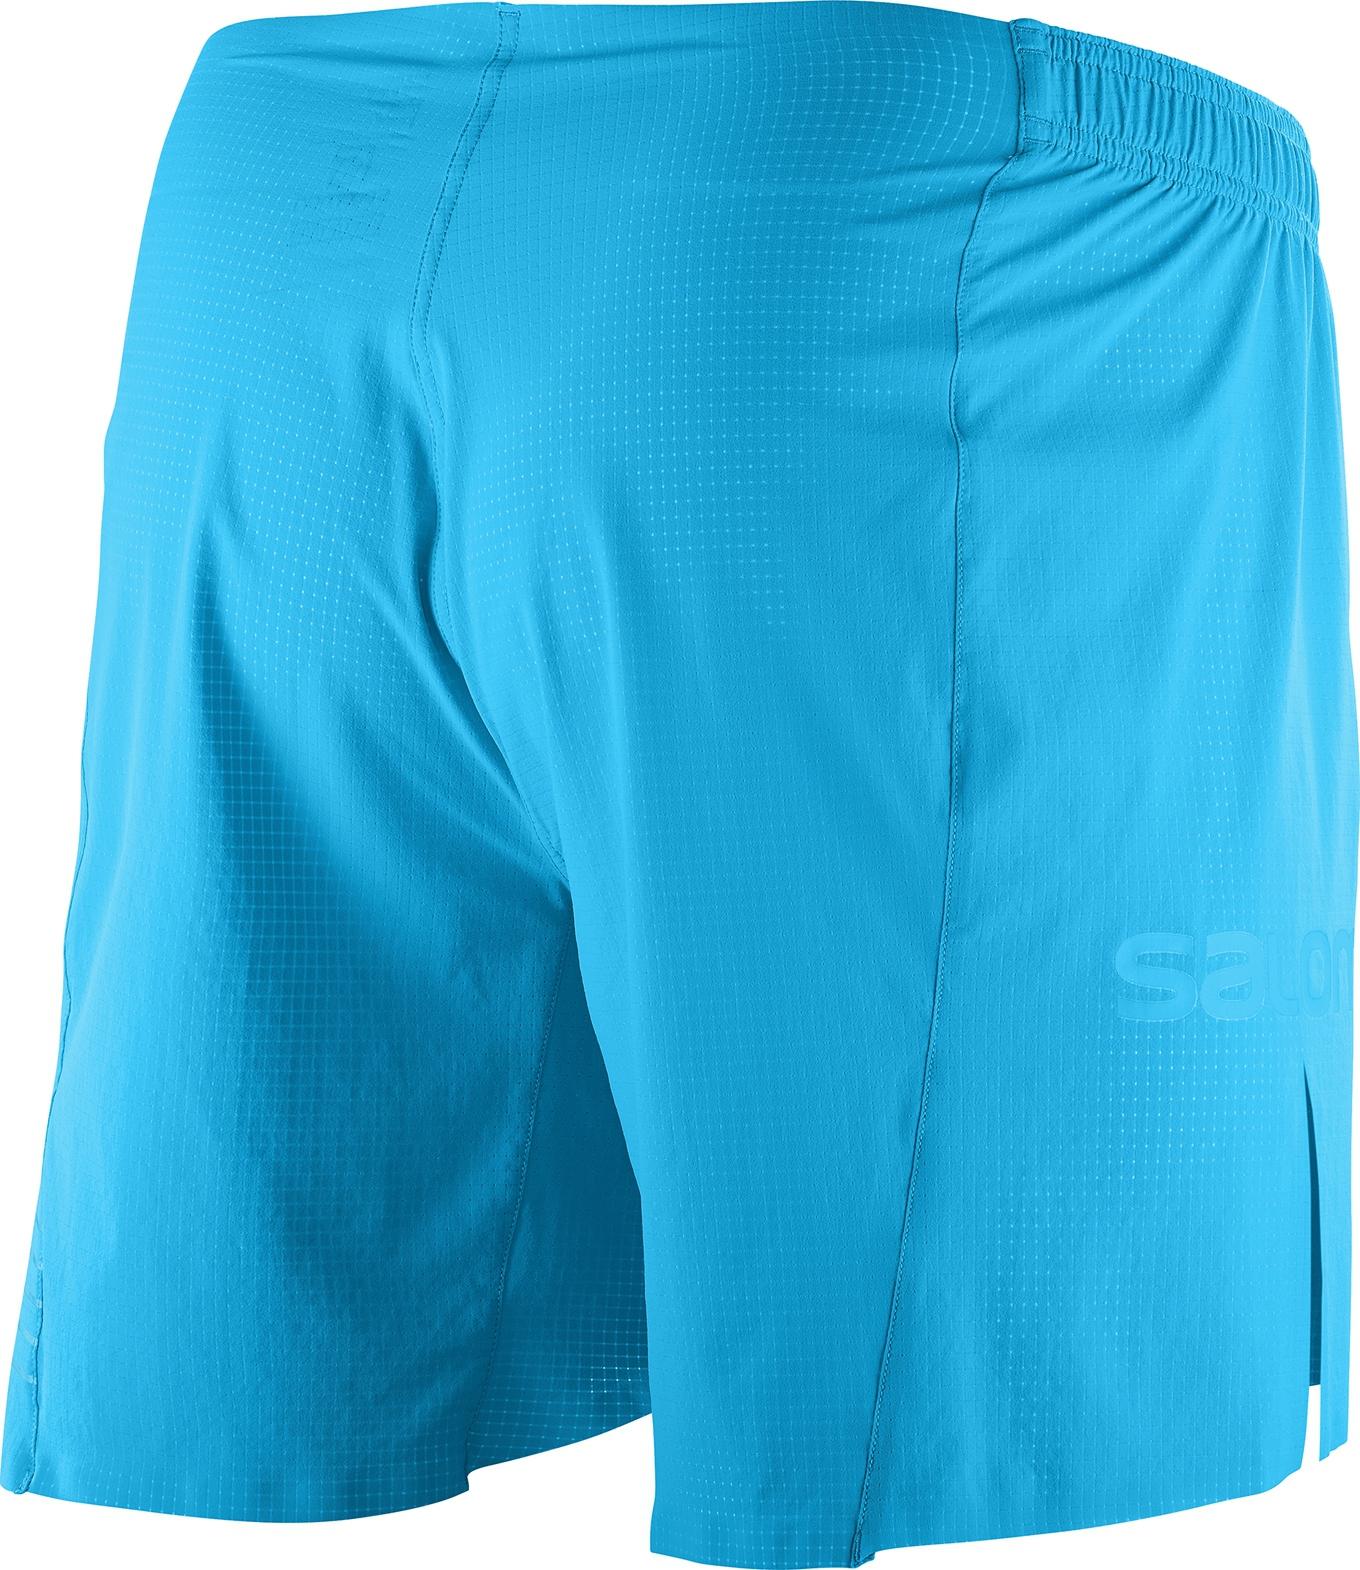 SLab Short 6 M Transcend Blue